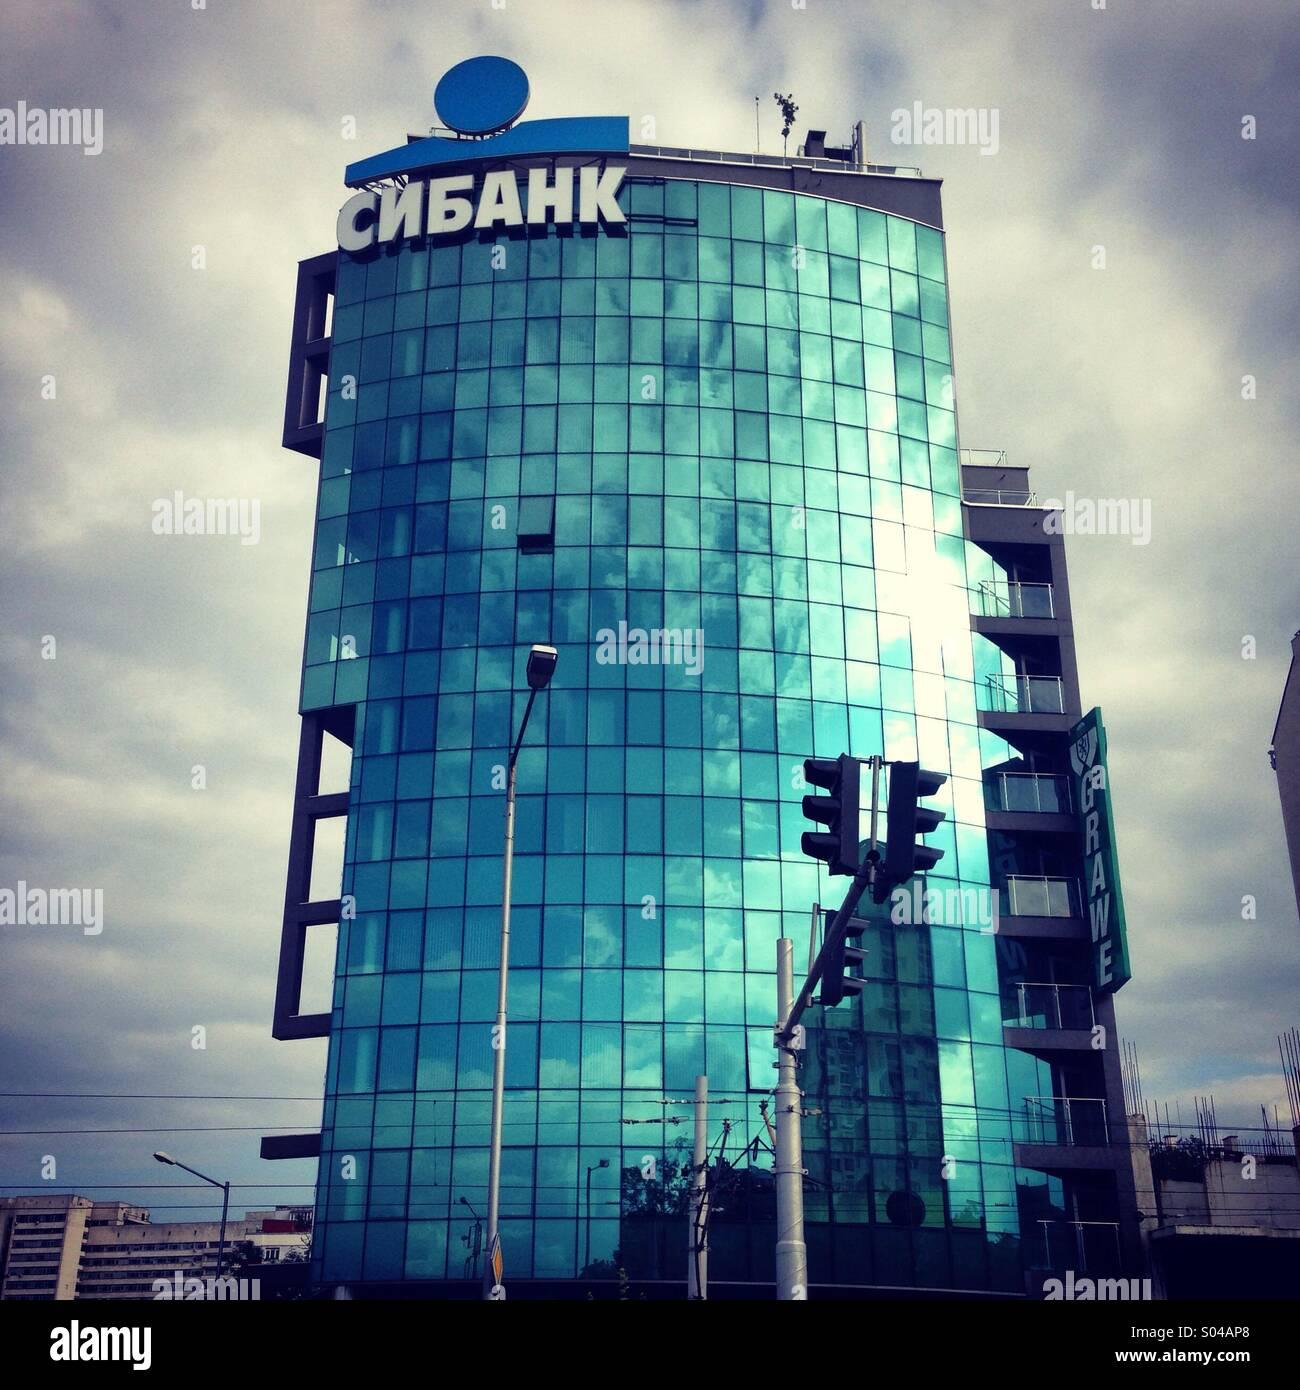 Ci bank, Sofia, Bulgaria - Stock Image